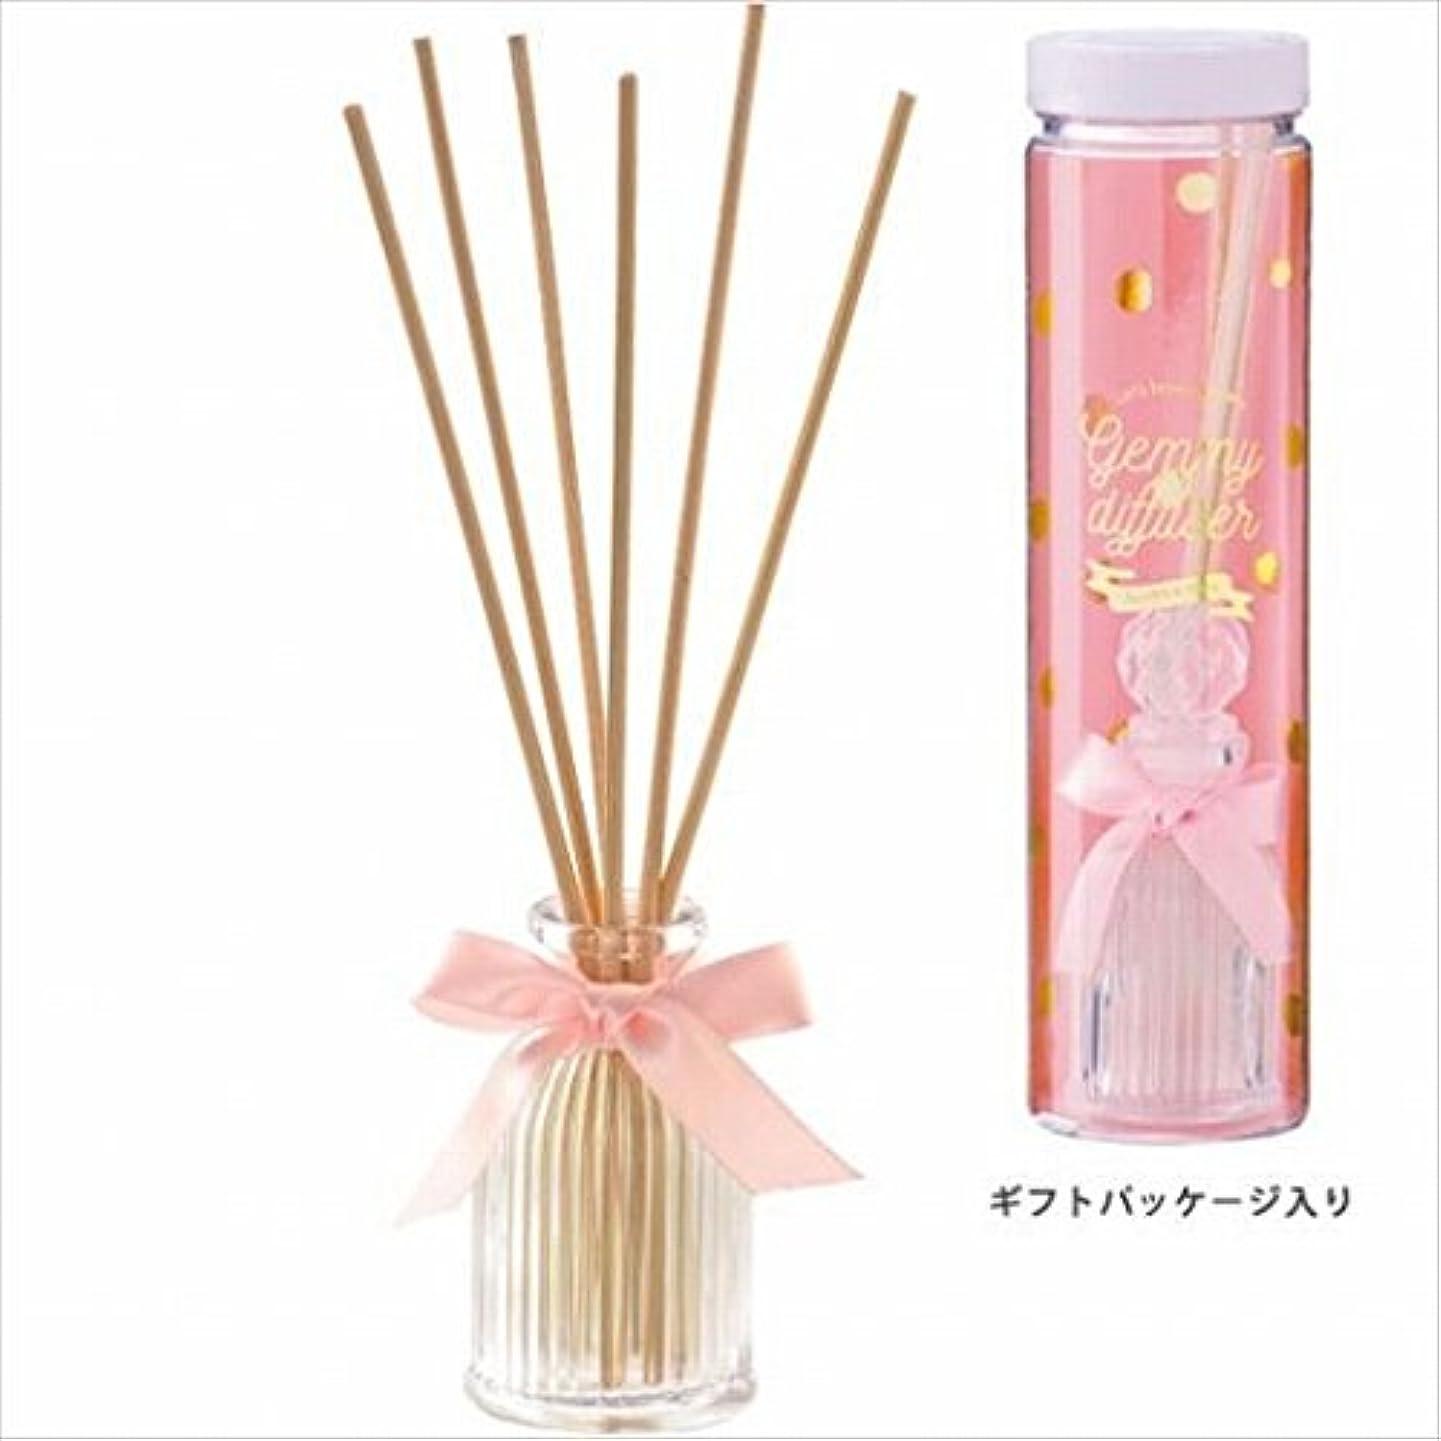 家禽広い呼び起こすカメヤマキャンドル( kameyama candle ) GEMMY (ジェミー) ディフューザー 「 ピオニー 」